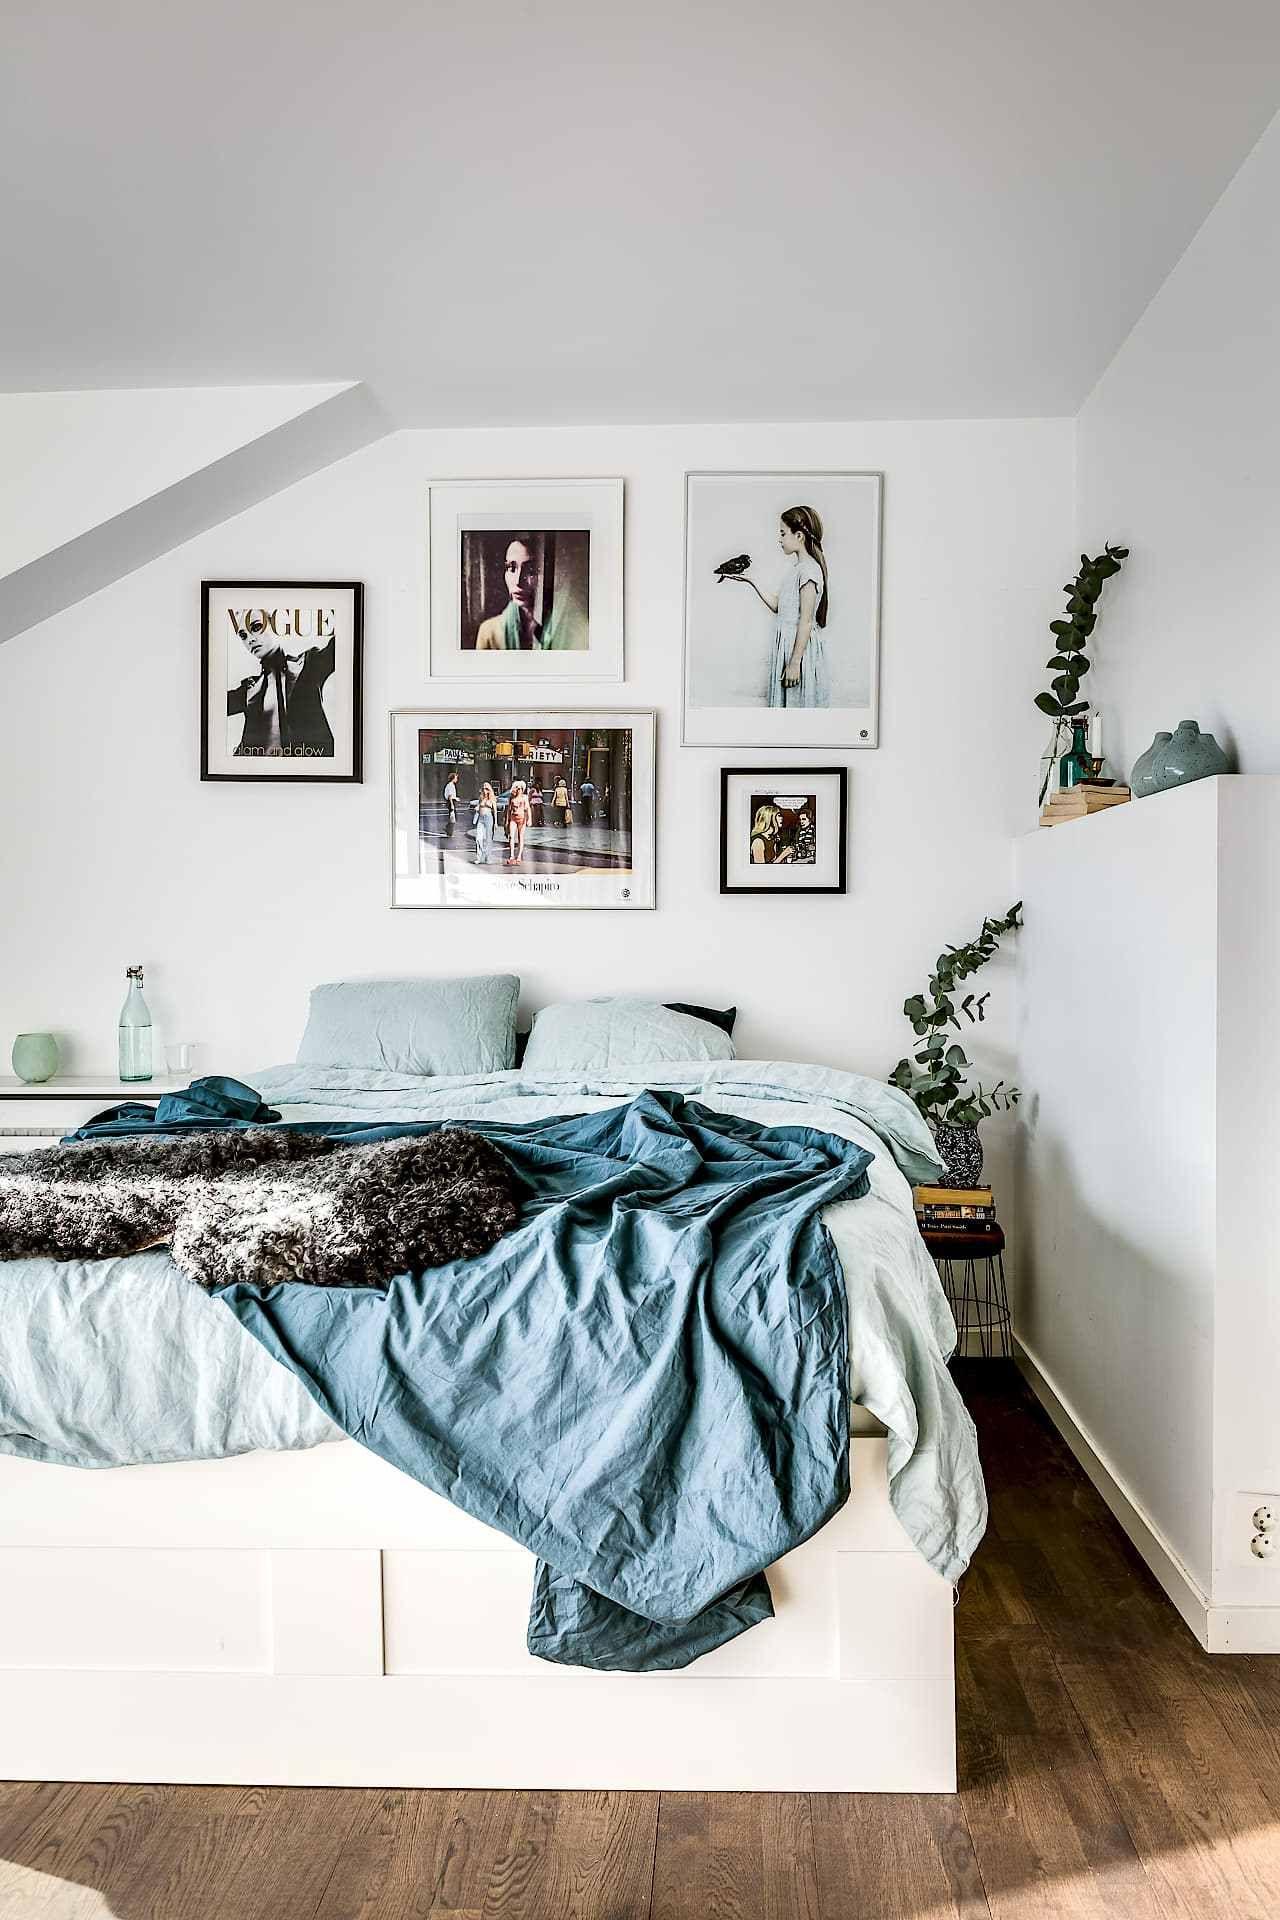 Suelo de madera oscura | Dormitorio, Decoración de interiores y ...